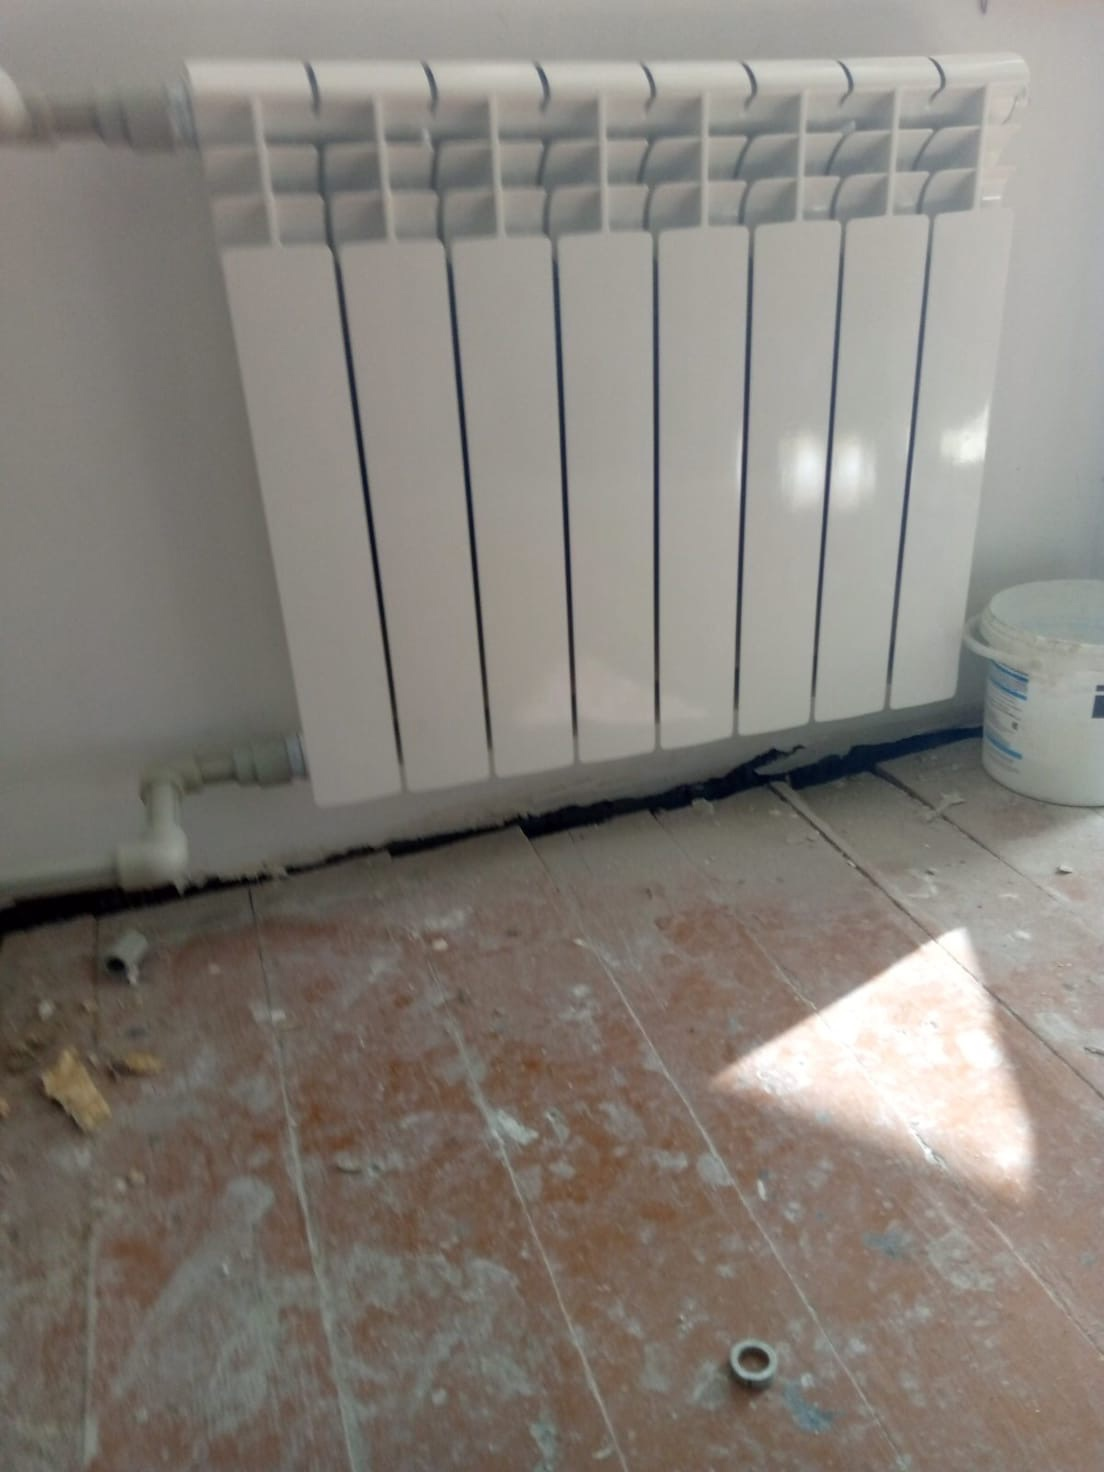 Смена радиатора Московская 101 кв.219